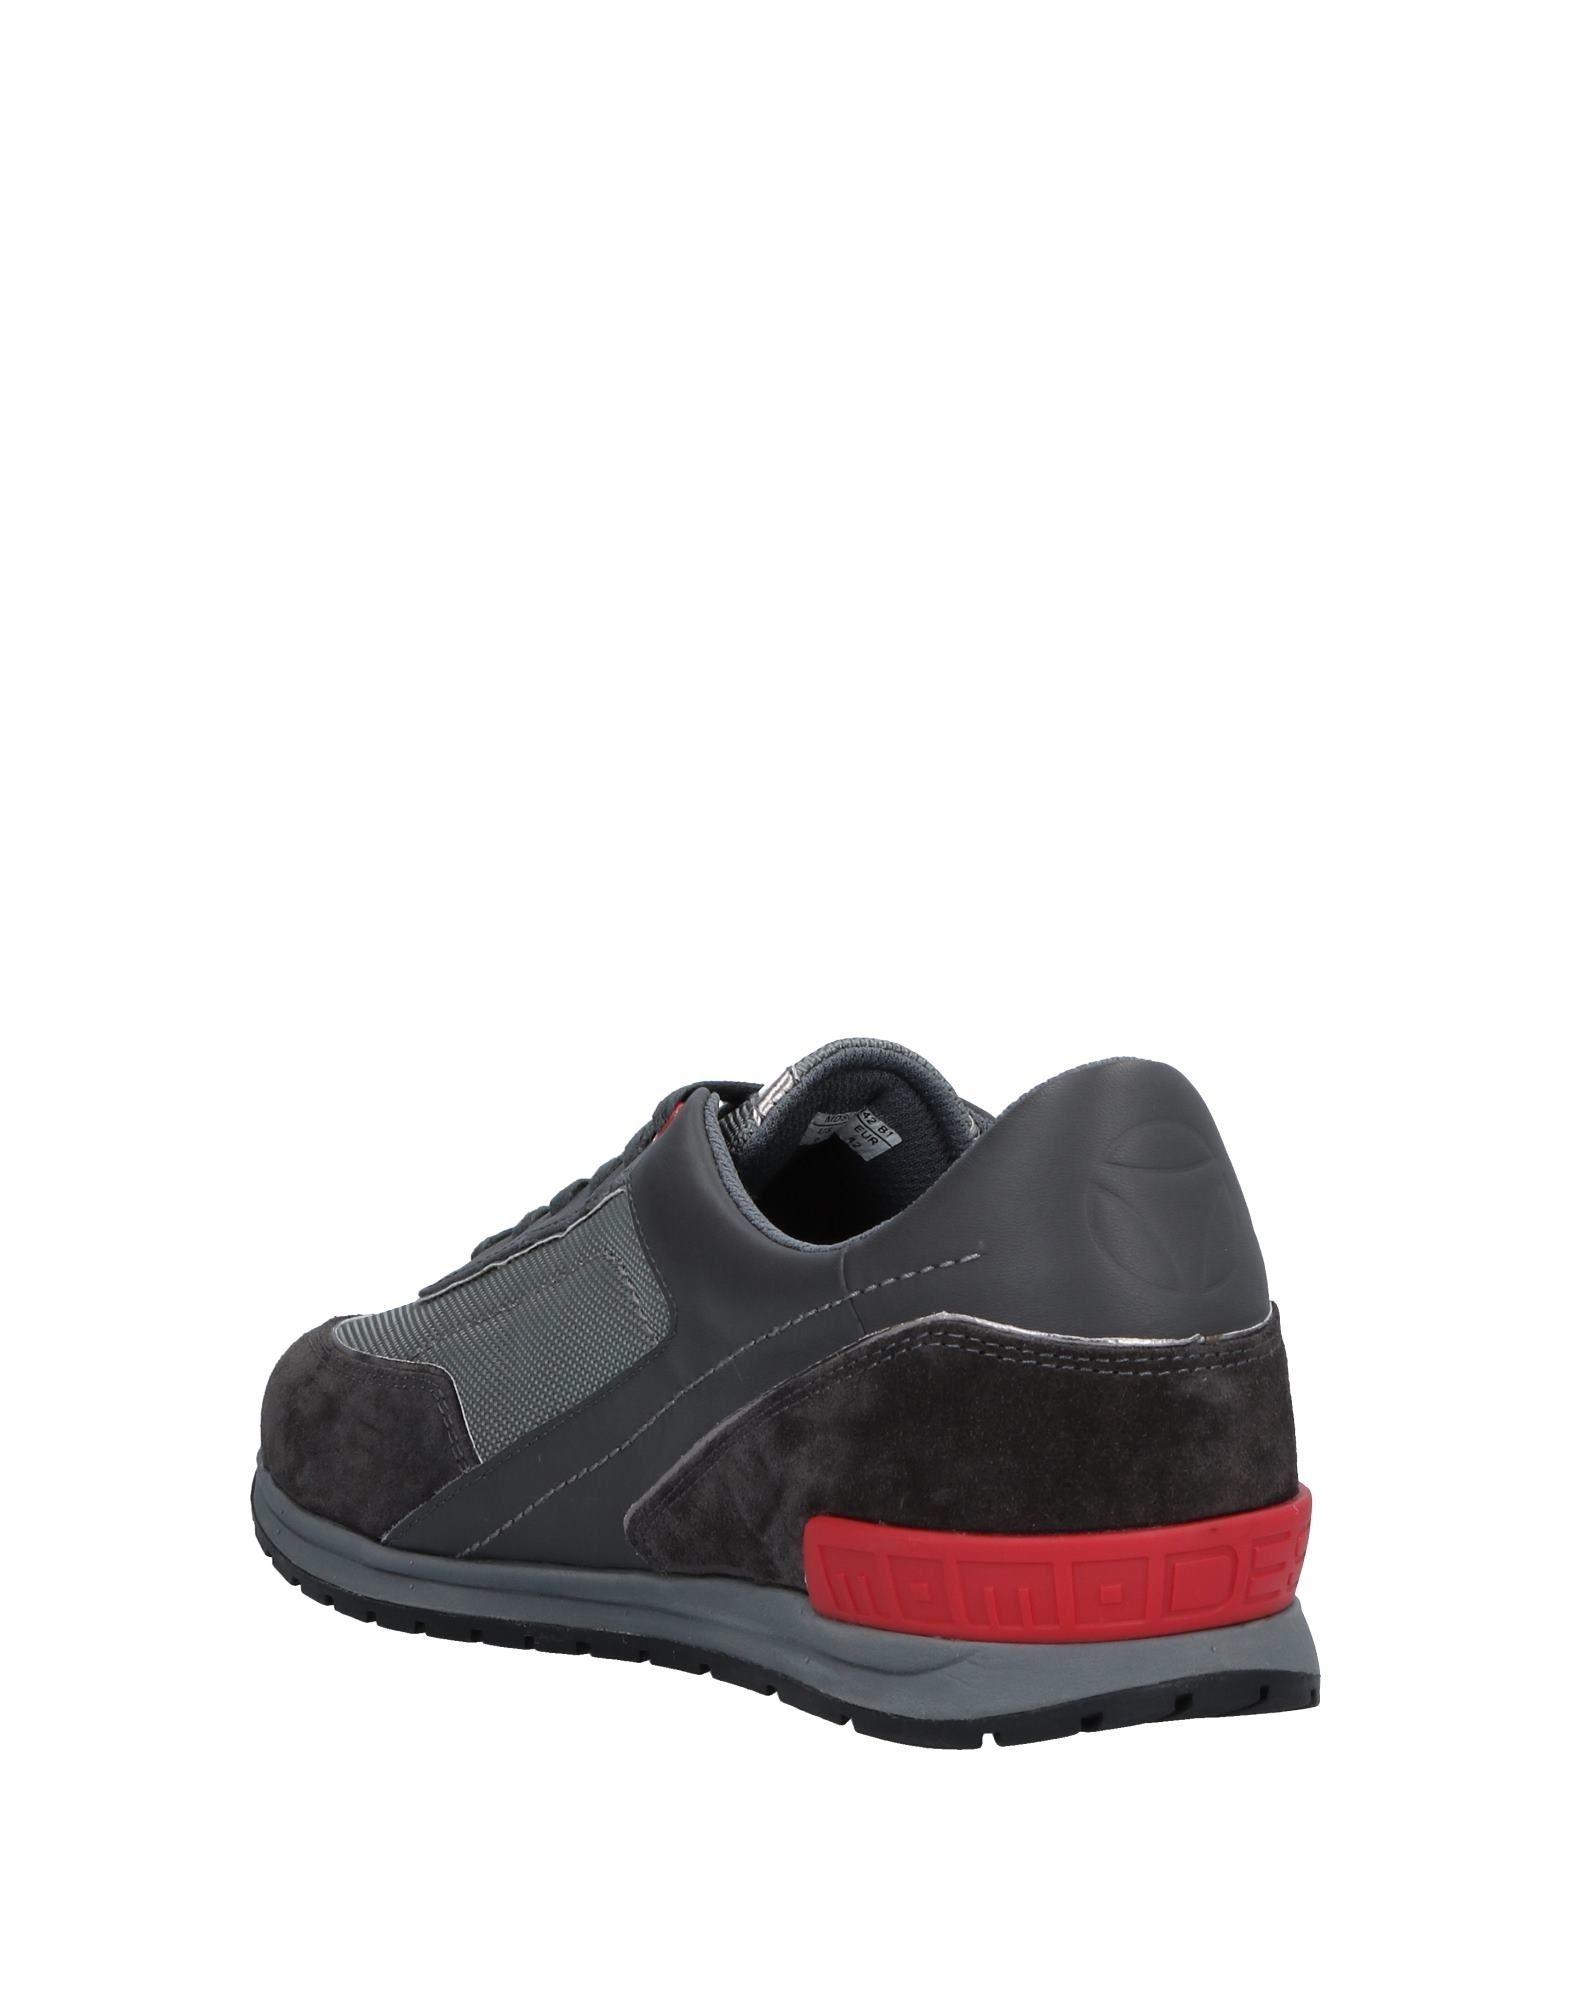 Momo sich Design Sneakers Herren Gutes Preis-Leistungs-Verhältnis, es lohnt sich Momo af09f1